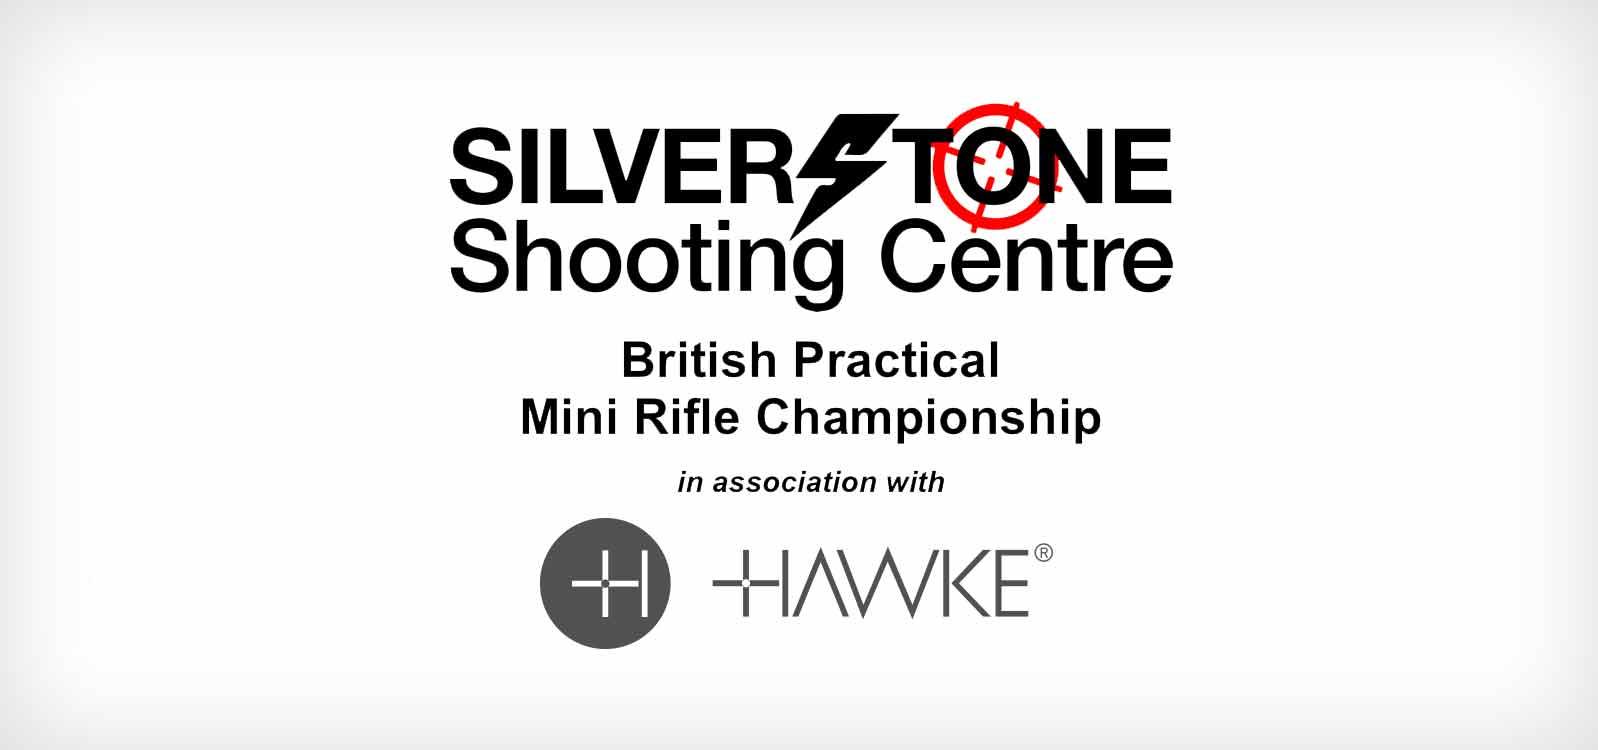 Hawke British Practical Mini Rifle Championship